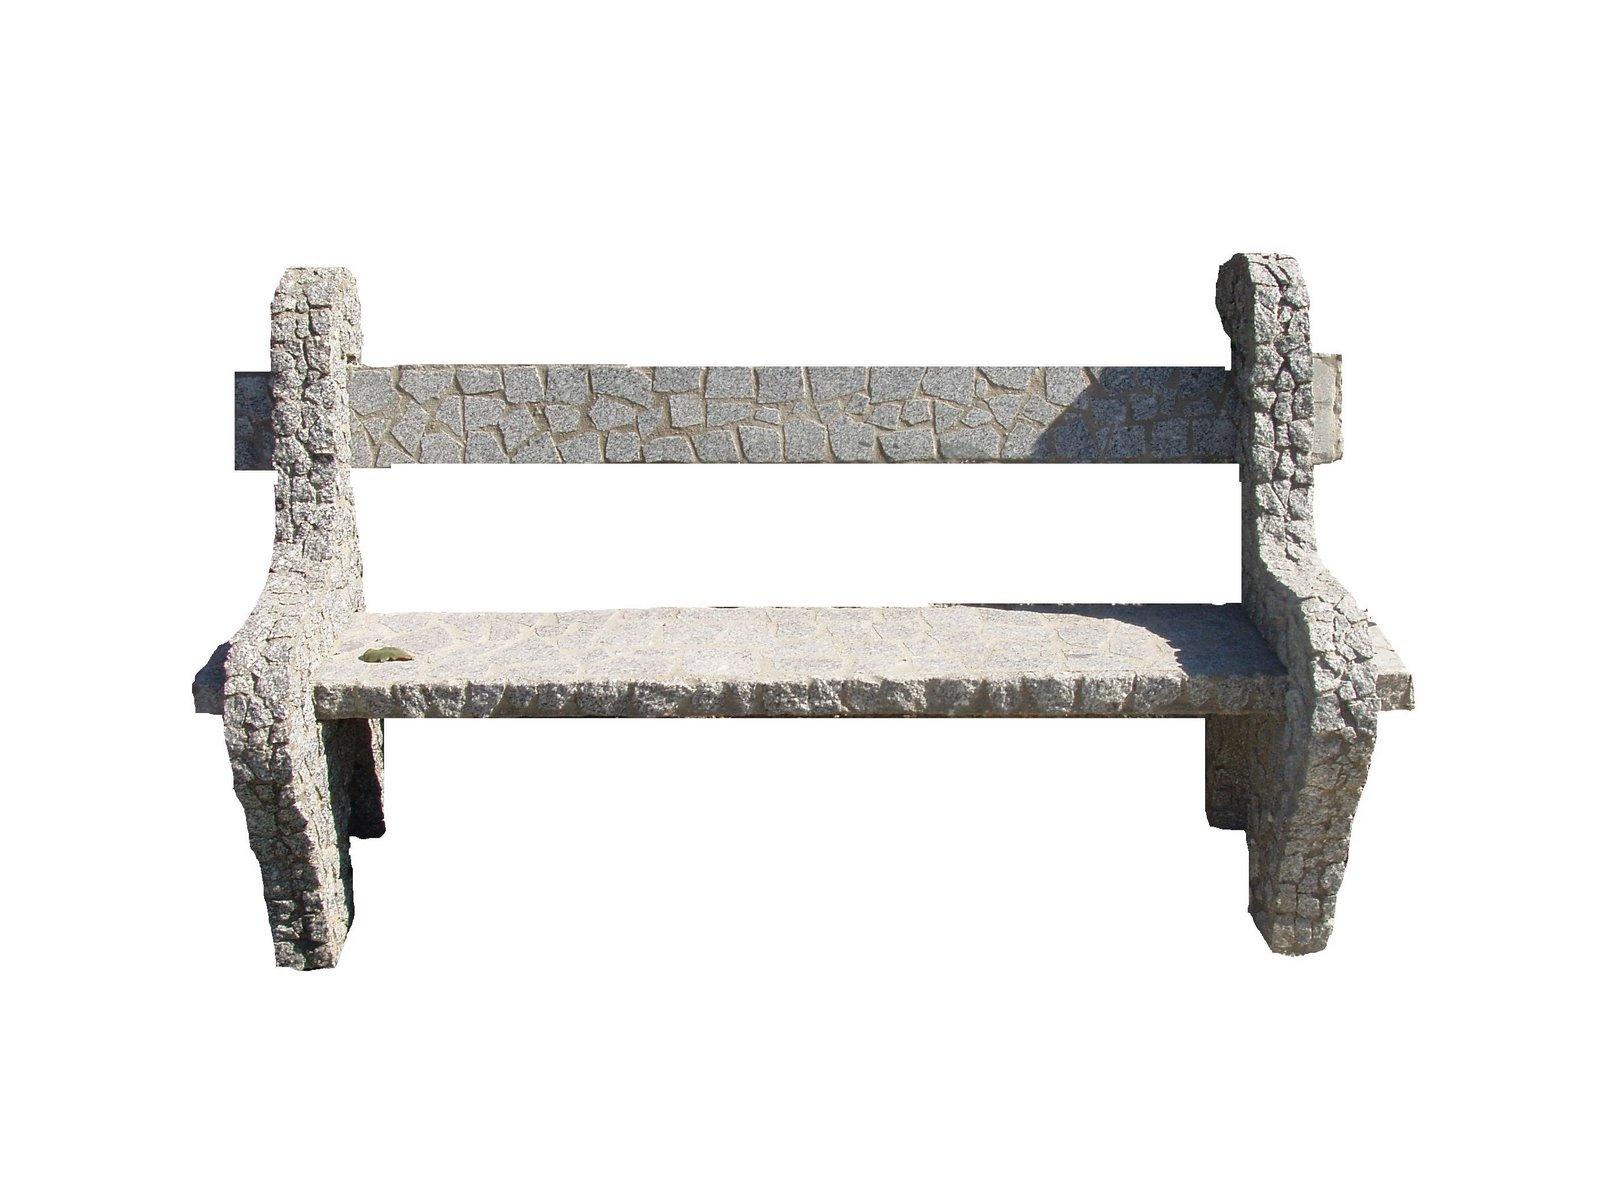 banco de jardim medidas : banco de jardim medidas:Casa das Fontes, artigos de pedra rustico